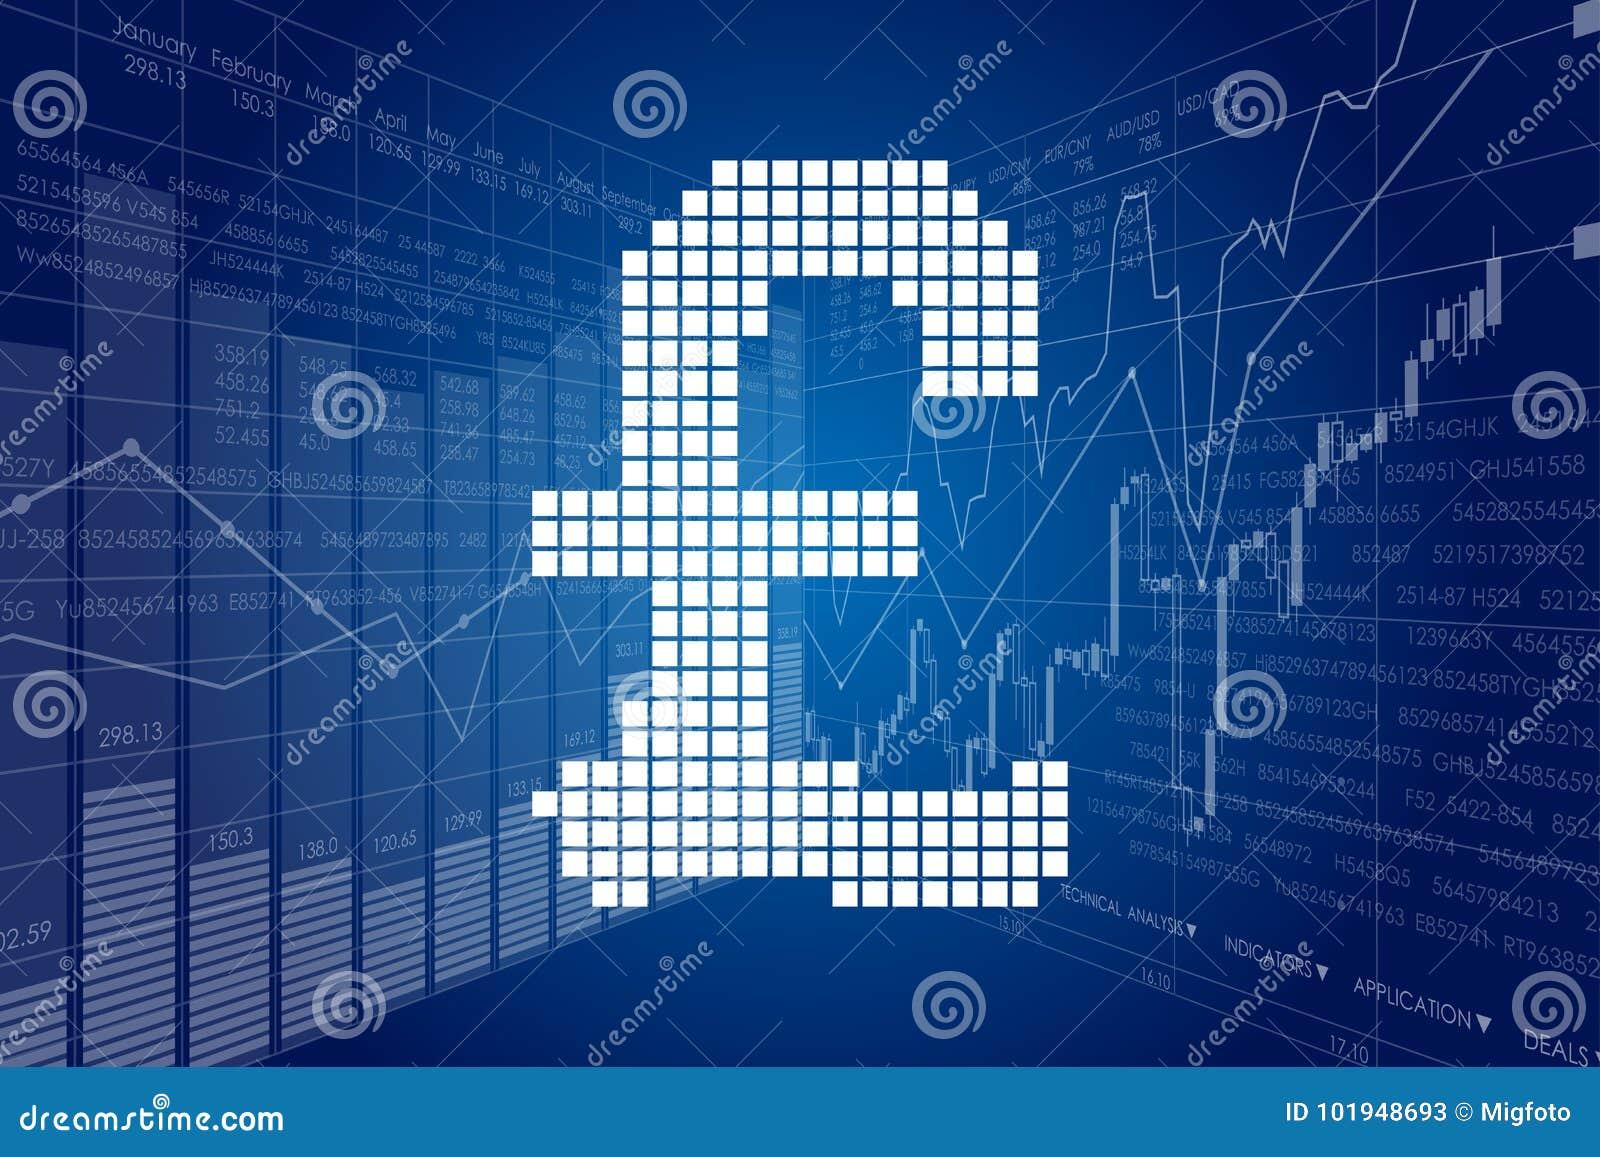 Фунт стерлинга и графики состояния запасов